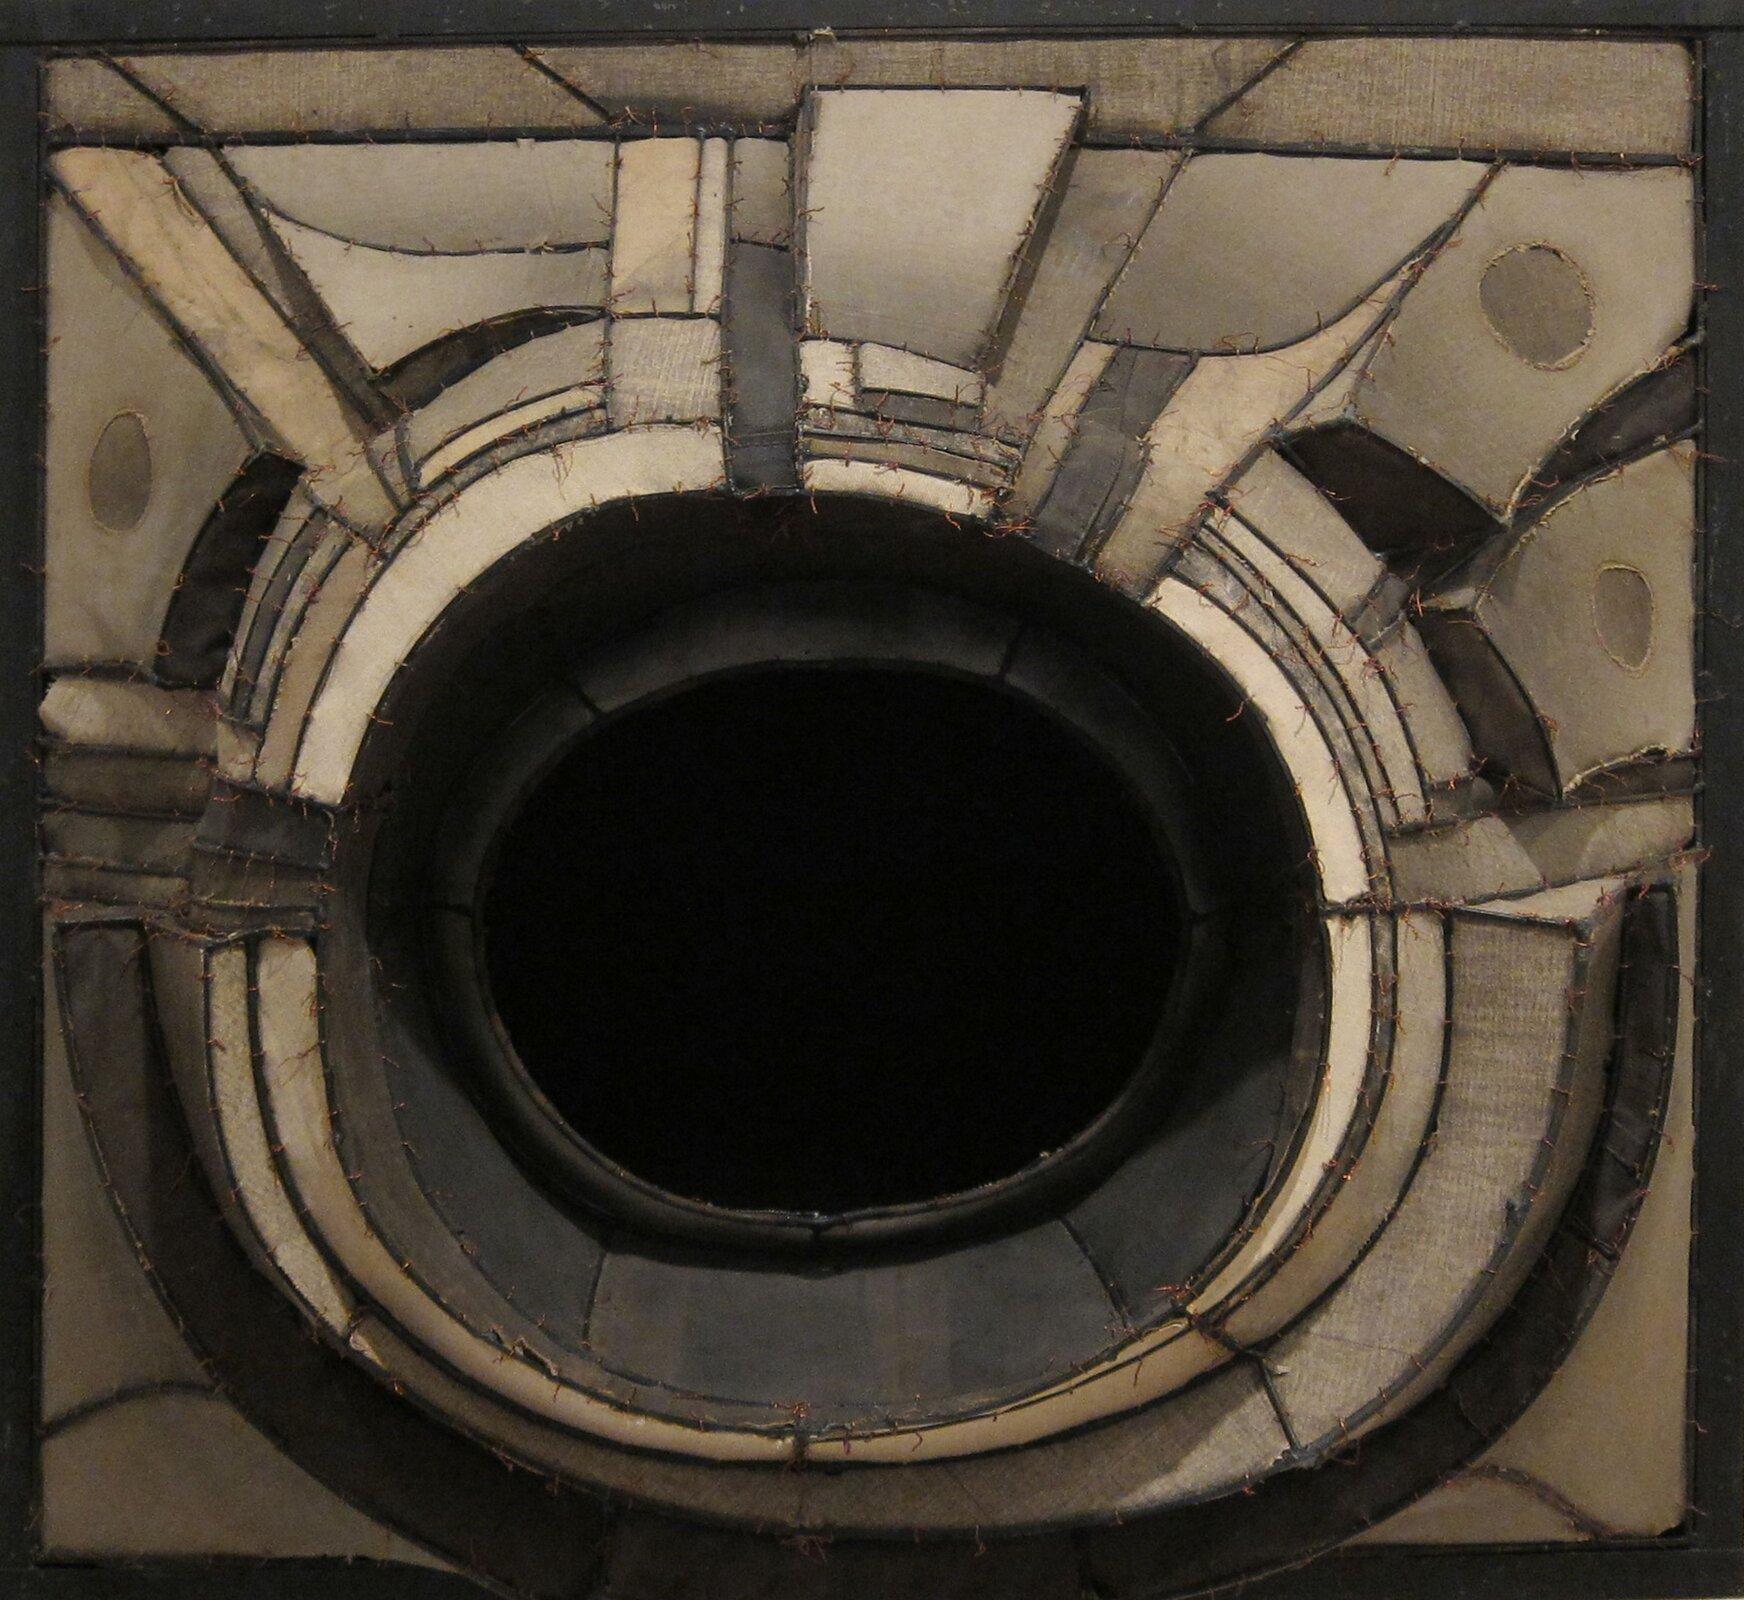 """Ilustracja przedstawia pracę """"Bez tytułu (35)"""" autorstwa Lee Bontecou. Zdjęcie ukazuje obiekt przestrzenny, złożony zwystających płaszczyzn okręgów tworzących formę przypominającą krater zdużym, czarnym otworem pośrodku. Całość wyłania się zprostokątnego obrazu. Praca utrzymana jest wwąskiej, beżowej tonacji. Artystka stworzyła obiekt na pograniczu malarstwa aprzestrzennej formy rzeźbiarskiej."""